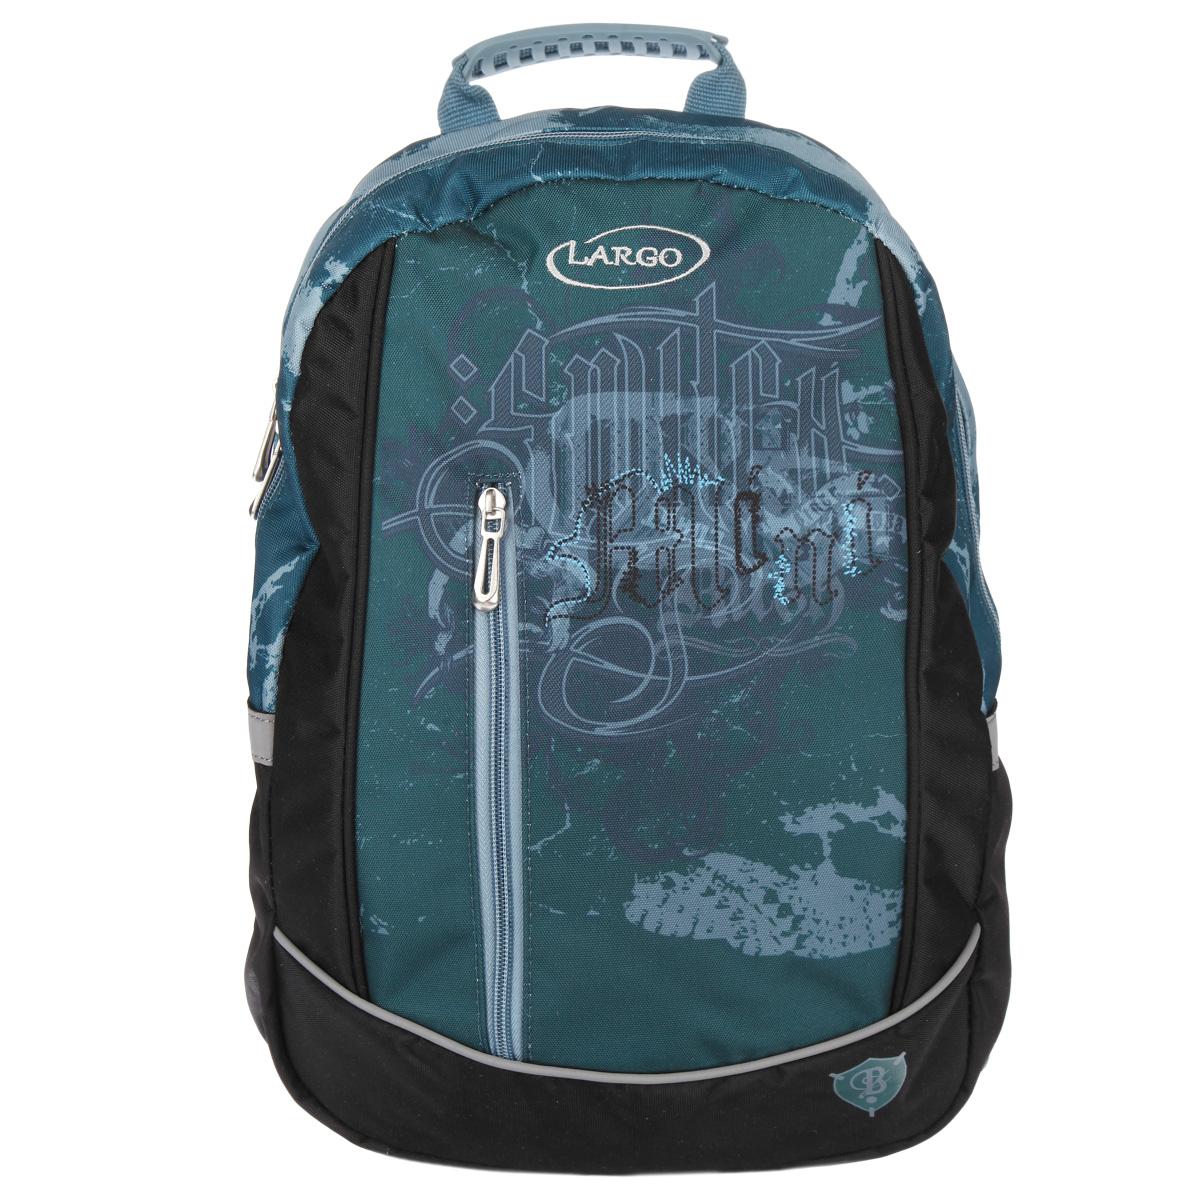 Рюкзак Proff Largo, цвет: зеленыйLB-BP-05-04Стильный рюкзак Proff Largo предназначен специально для подростков. Рюкзак содержит одно вместительное отделение, закрывающееся на застежку-молнию с двумя бегунками. Внутри отделения имеется дополнительный прорезной карман на застежке-молнии. На лицевой стороне расположен вертикальный прорезной карман на застежке-молнии. Рюкзак выполнен из высококачественного полиэстера зеленого цвета с оригинальным принтом. Рюкзак оснащен широкими мягкими лямками, регулирующимися по длине, текстильной ручкой с резиновой насадкой для удобной переноски в руке. Для удобства и комфорта спинка и лямки изделия дополнены эргономичными подушечками и противоскользящей сеточкой с вентиляционными отверстиями. Светоотражающие элементы рюкзака обеспечивают дополнительную безопасность в темное время суток. Рекомендуемый возраст: от 7 лет.